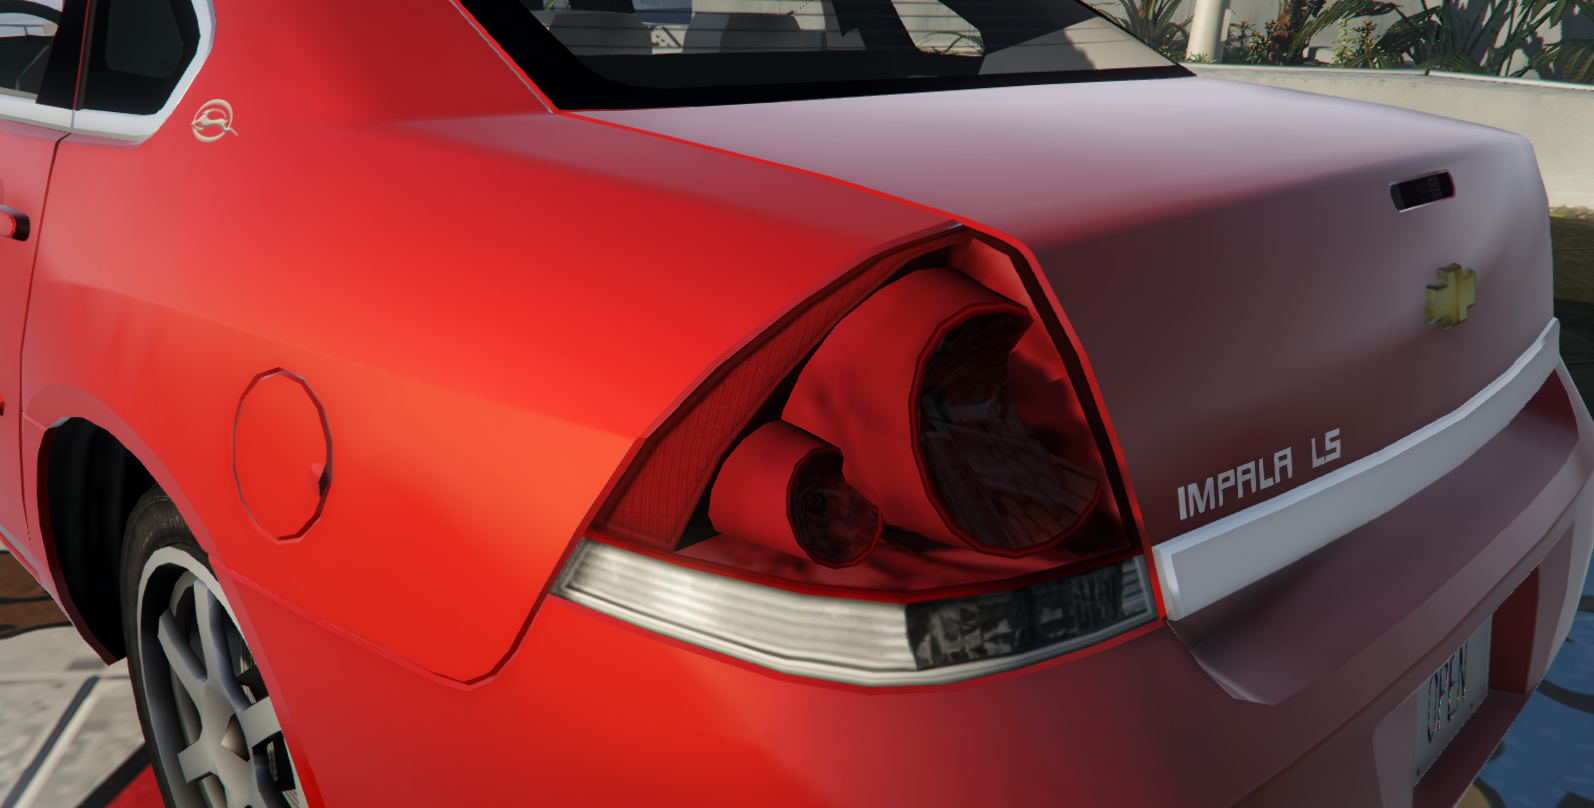 Chevrolet impala regular ls 2008 unlocked